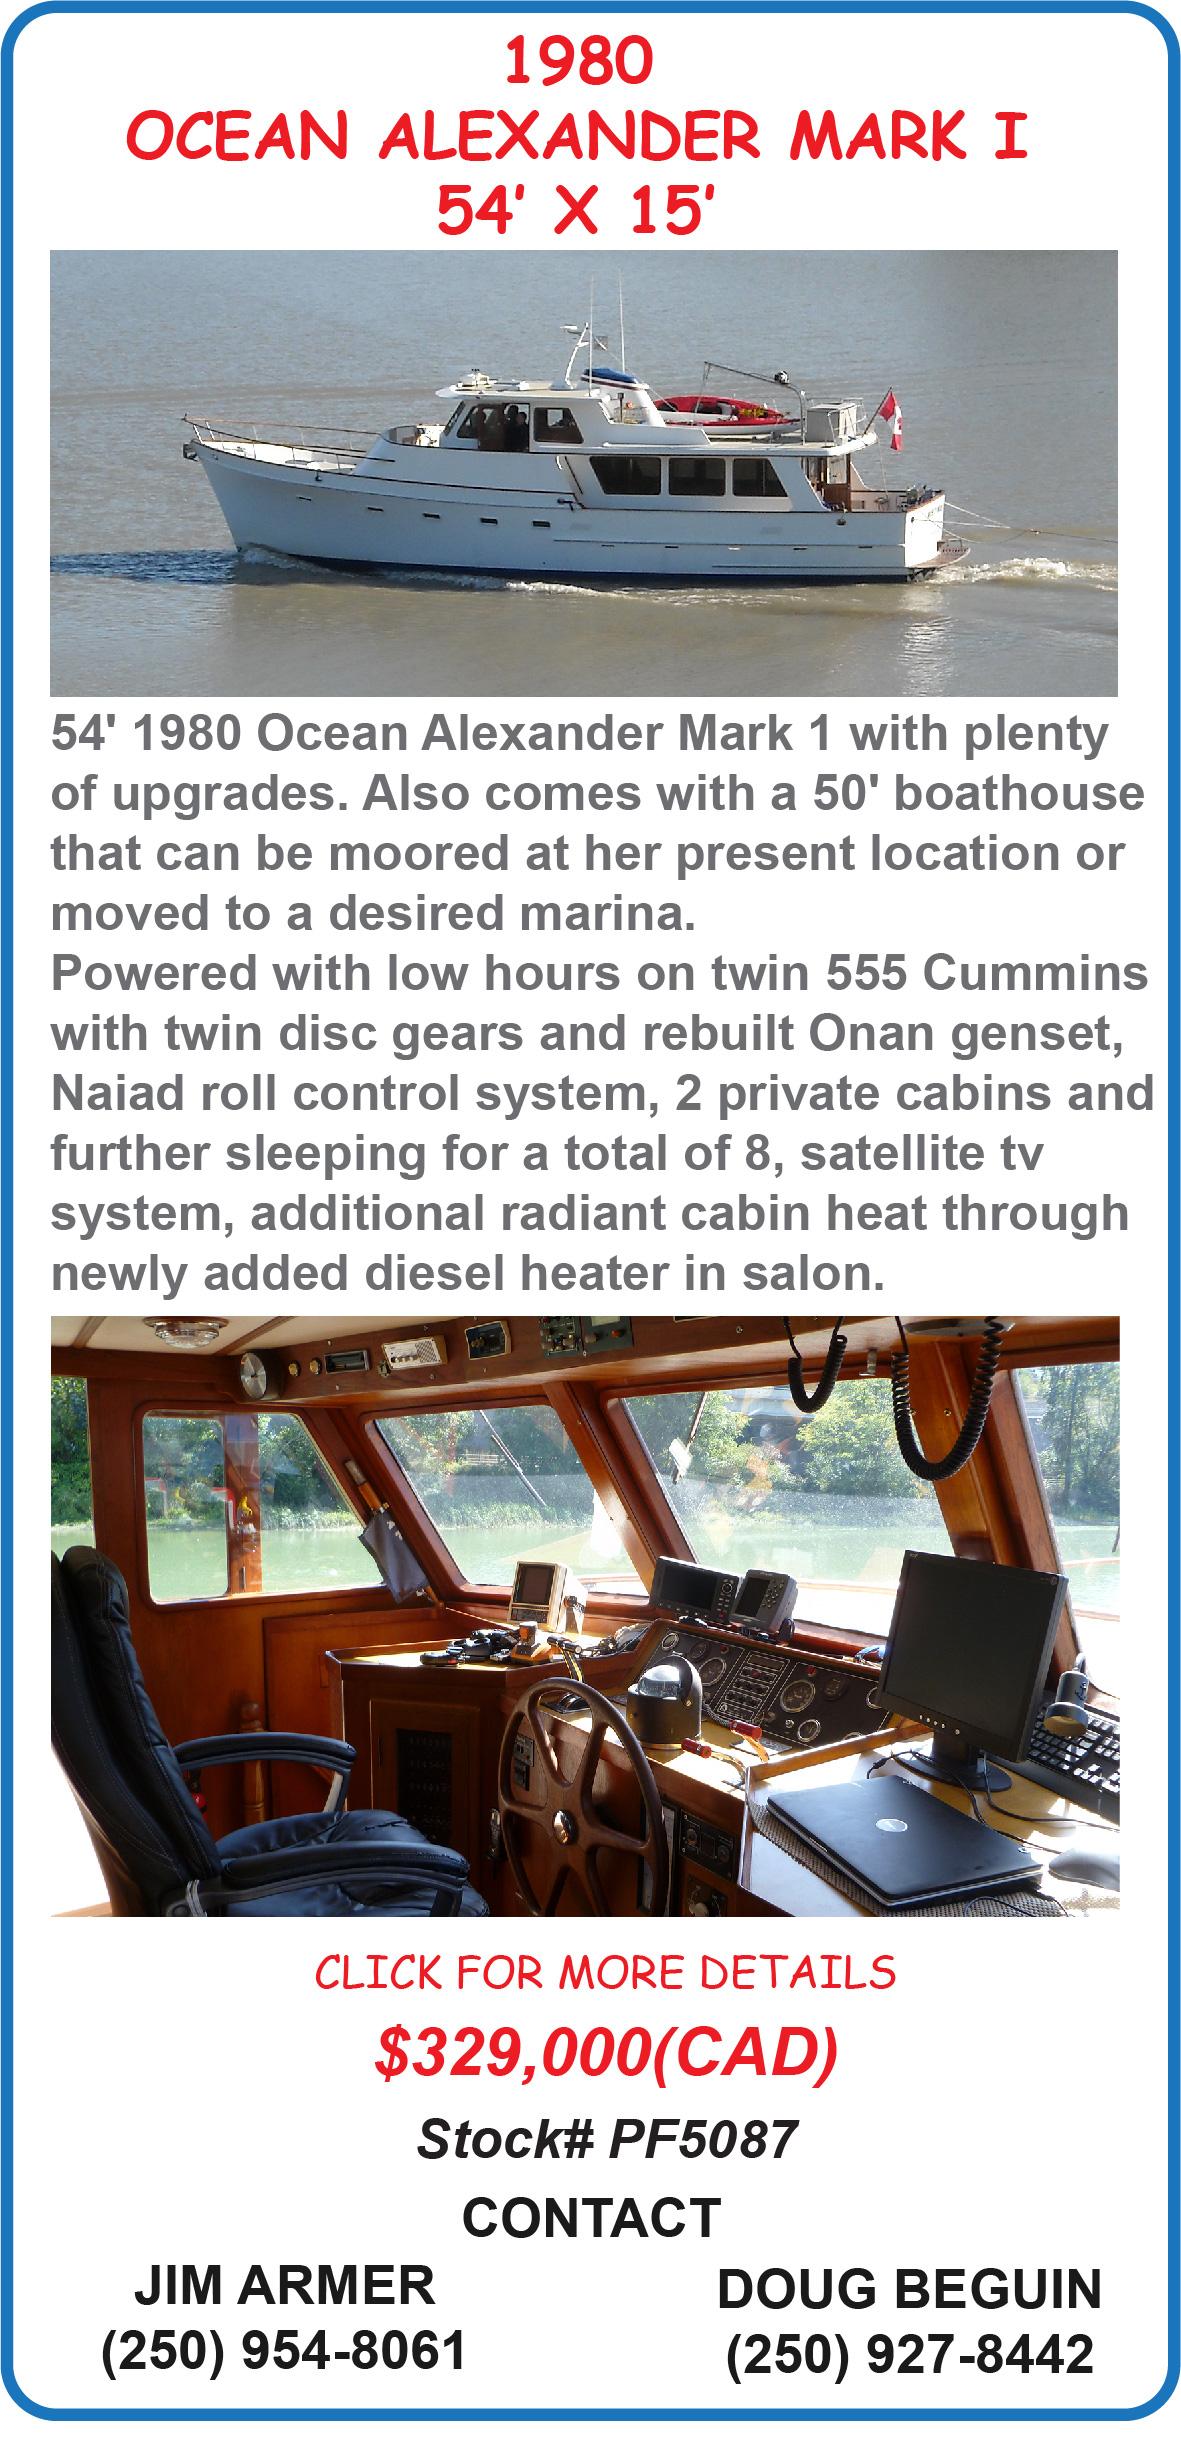 Ocean Alexander Mark I Motor Yacht